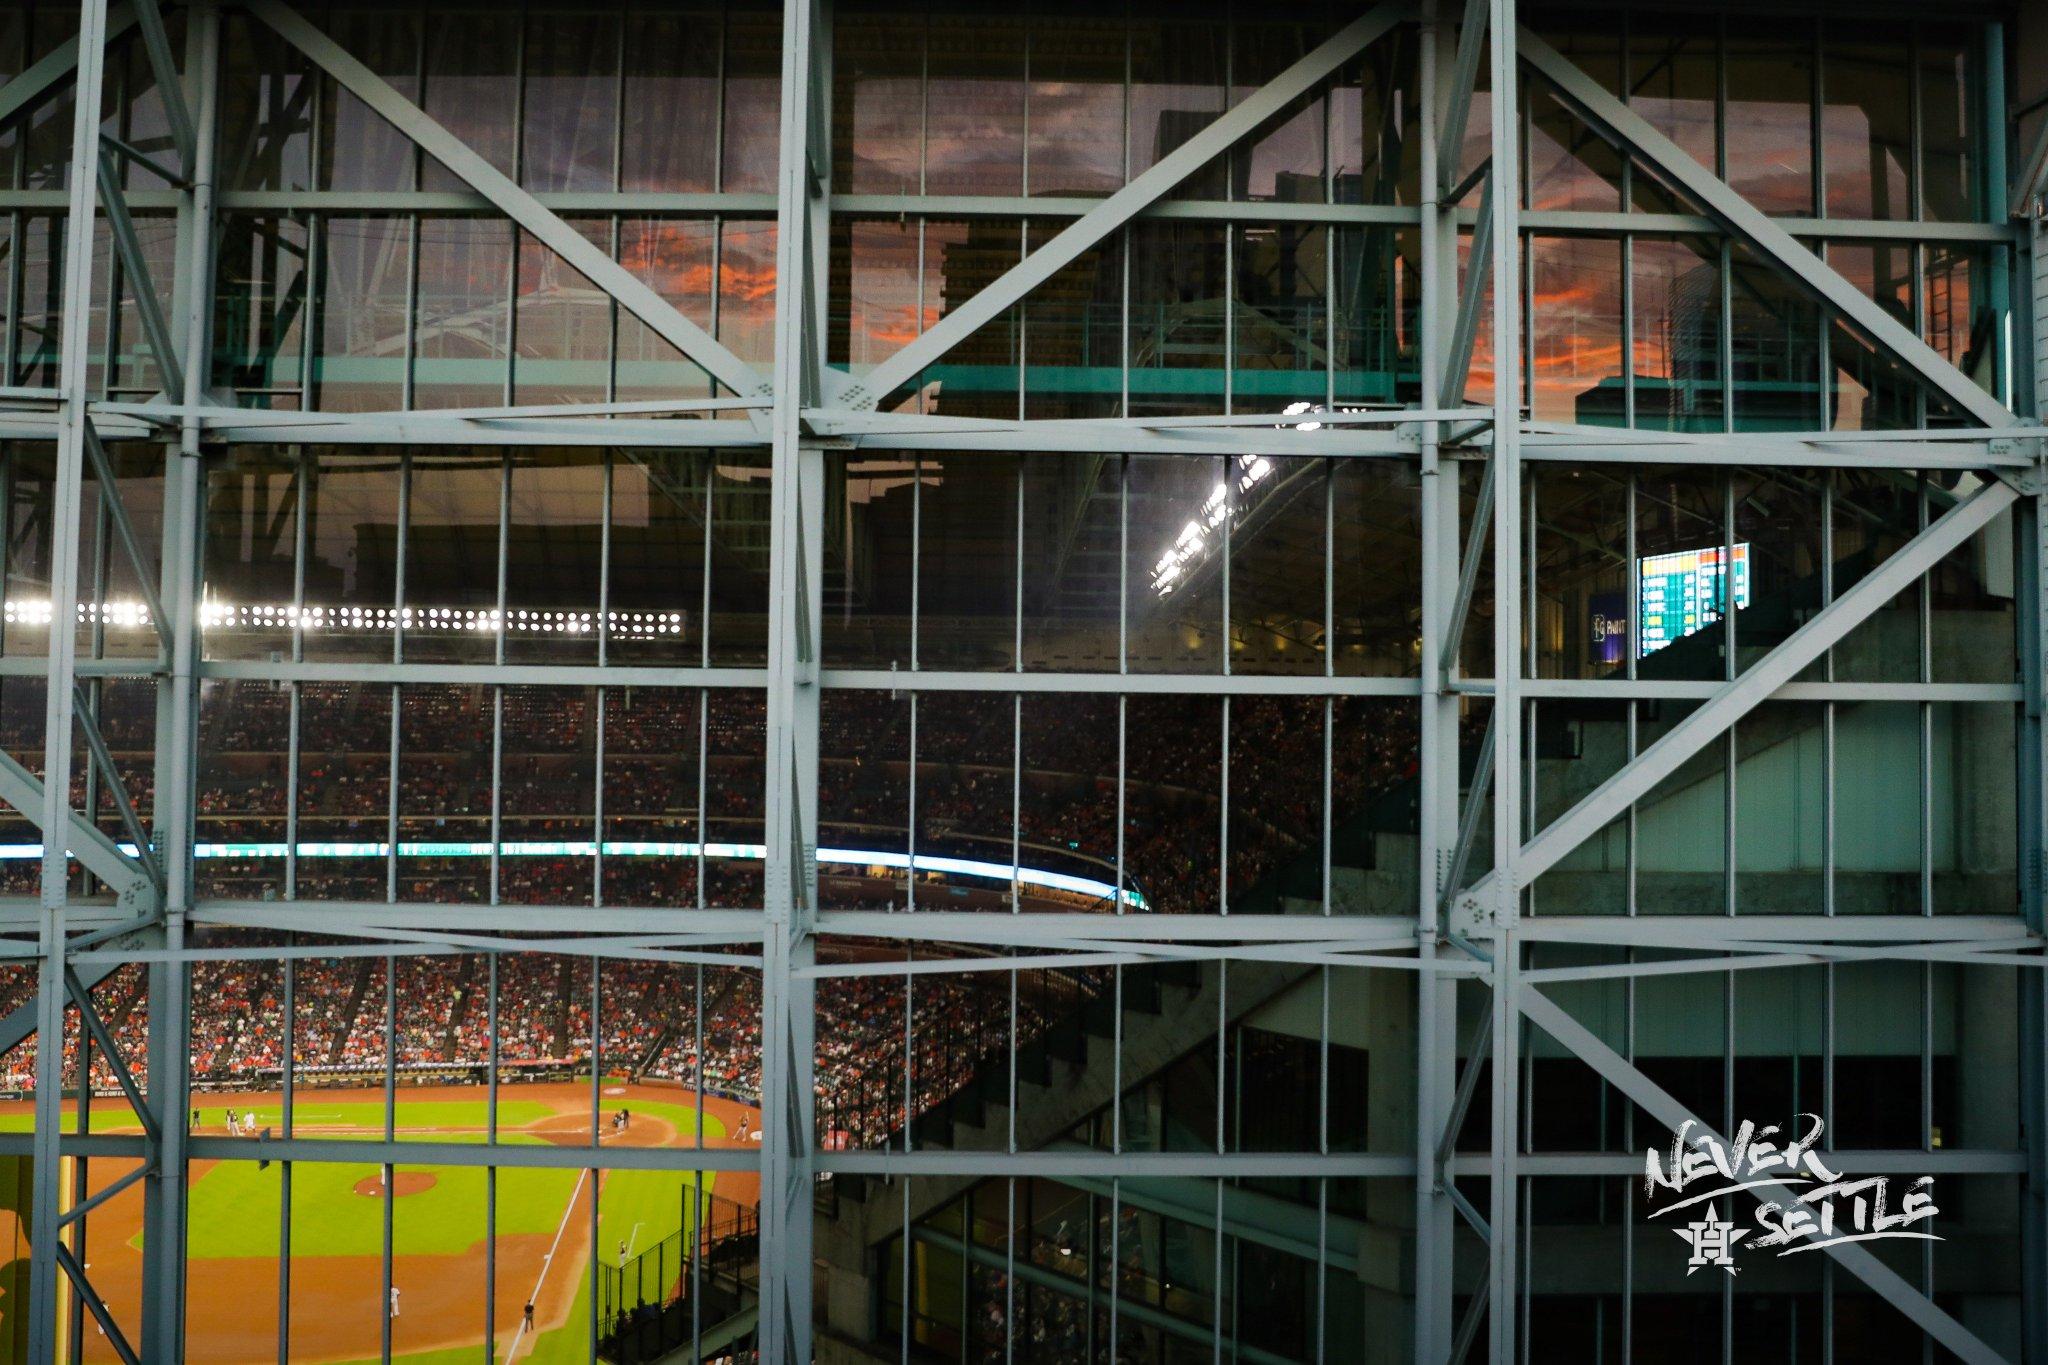 #Astros 4, #Athletics 0 | Top 9 https://t.co/b9eHZROCMZ